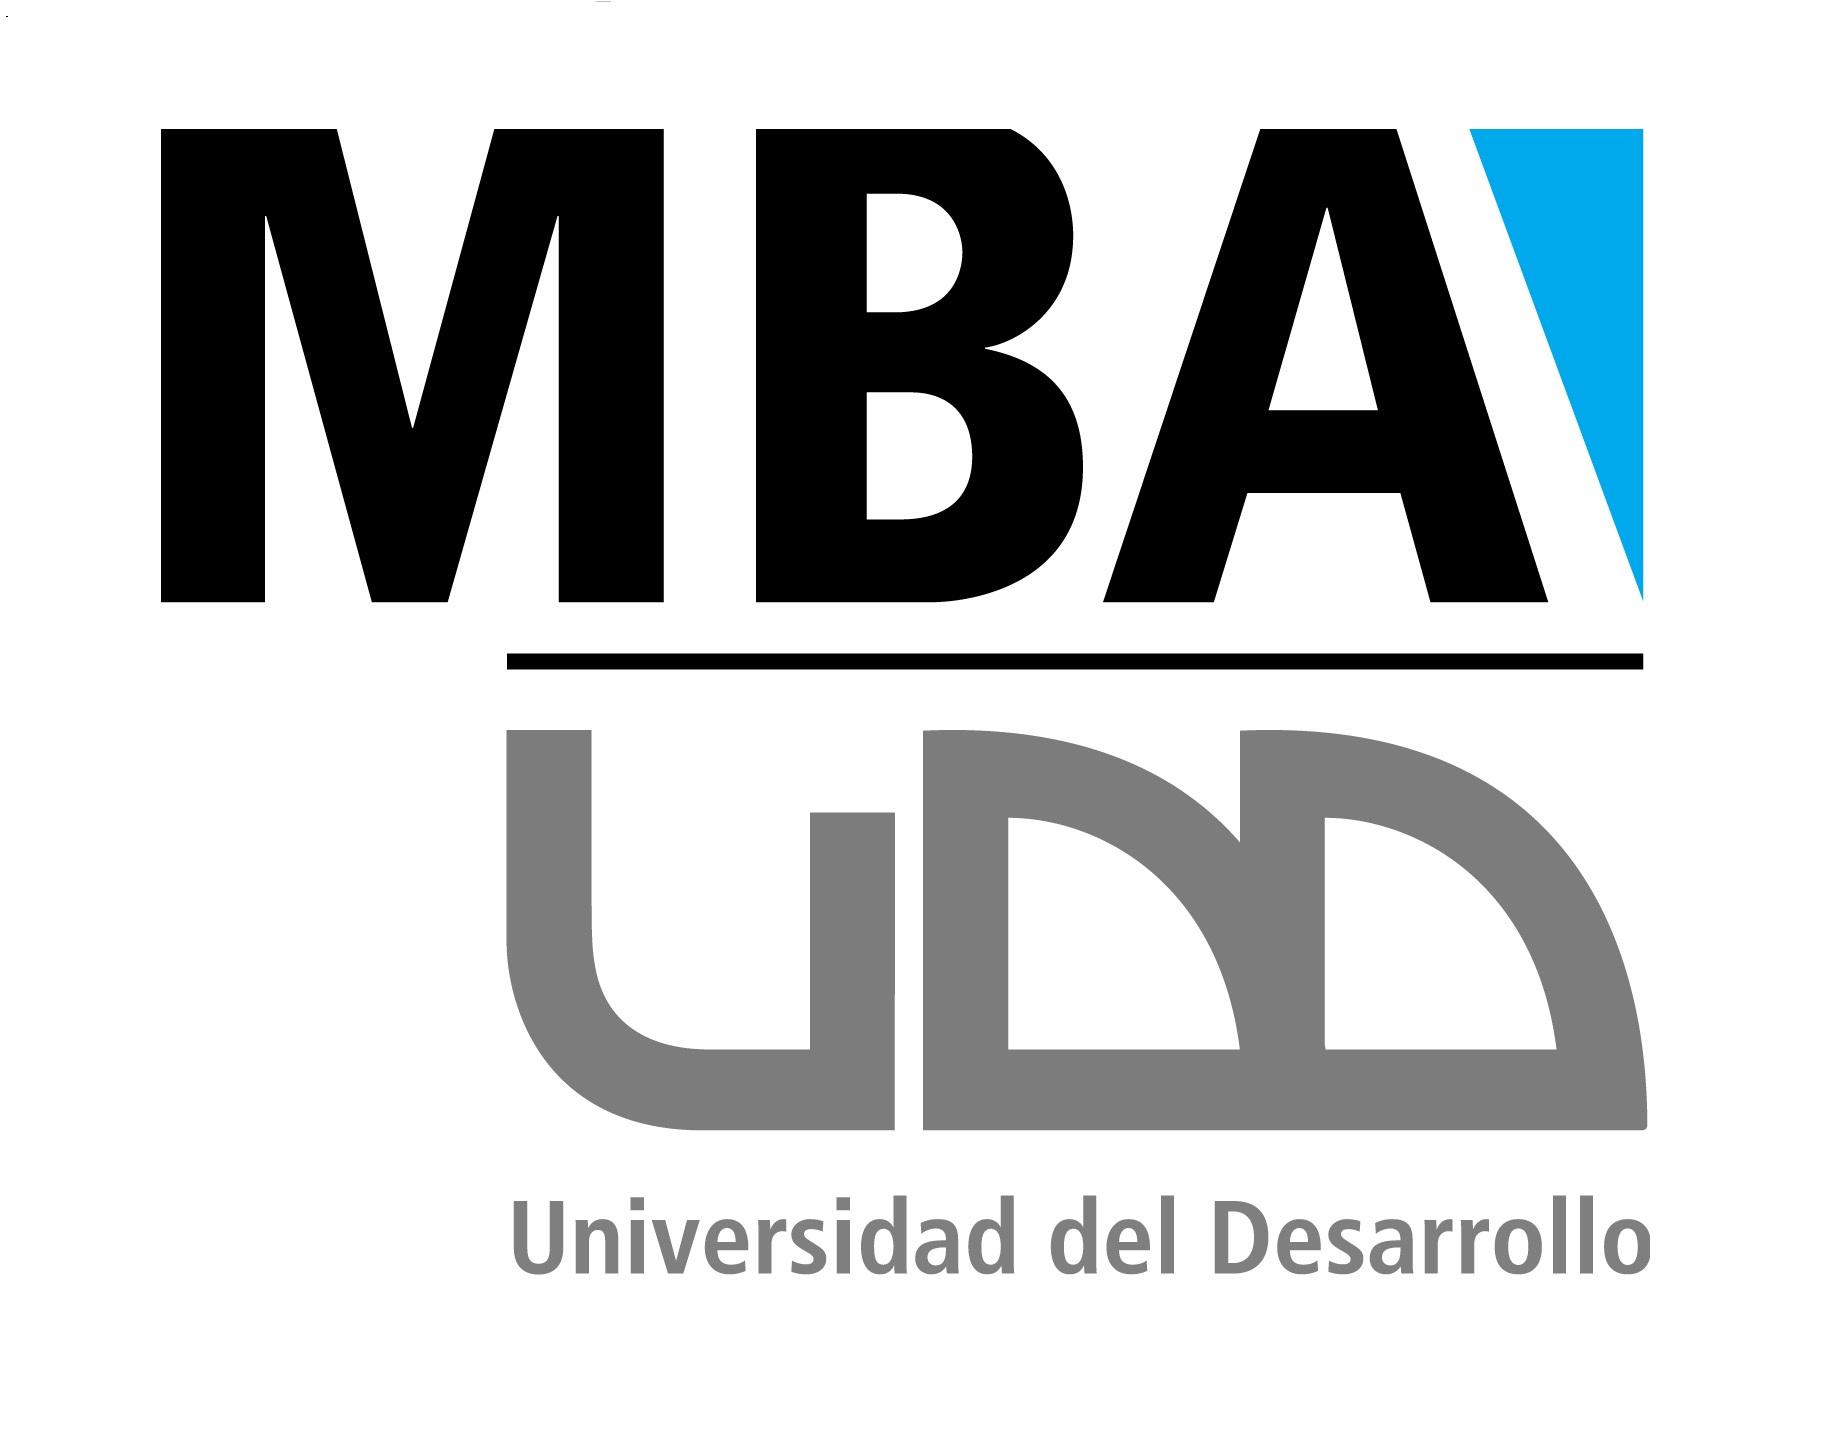 Udd: MBA-UDD Fue Re Acreditado Internacionalmente Por Cinco